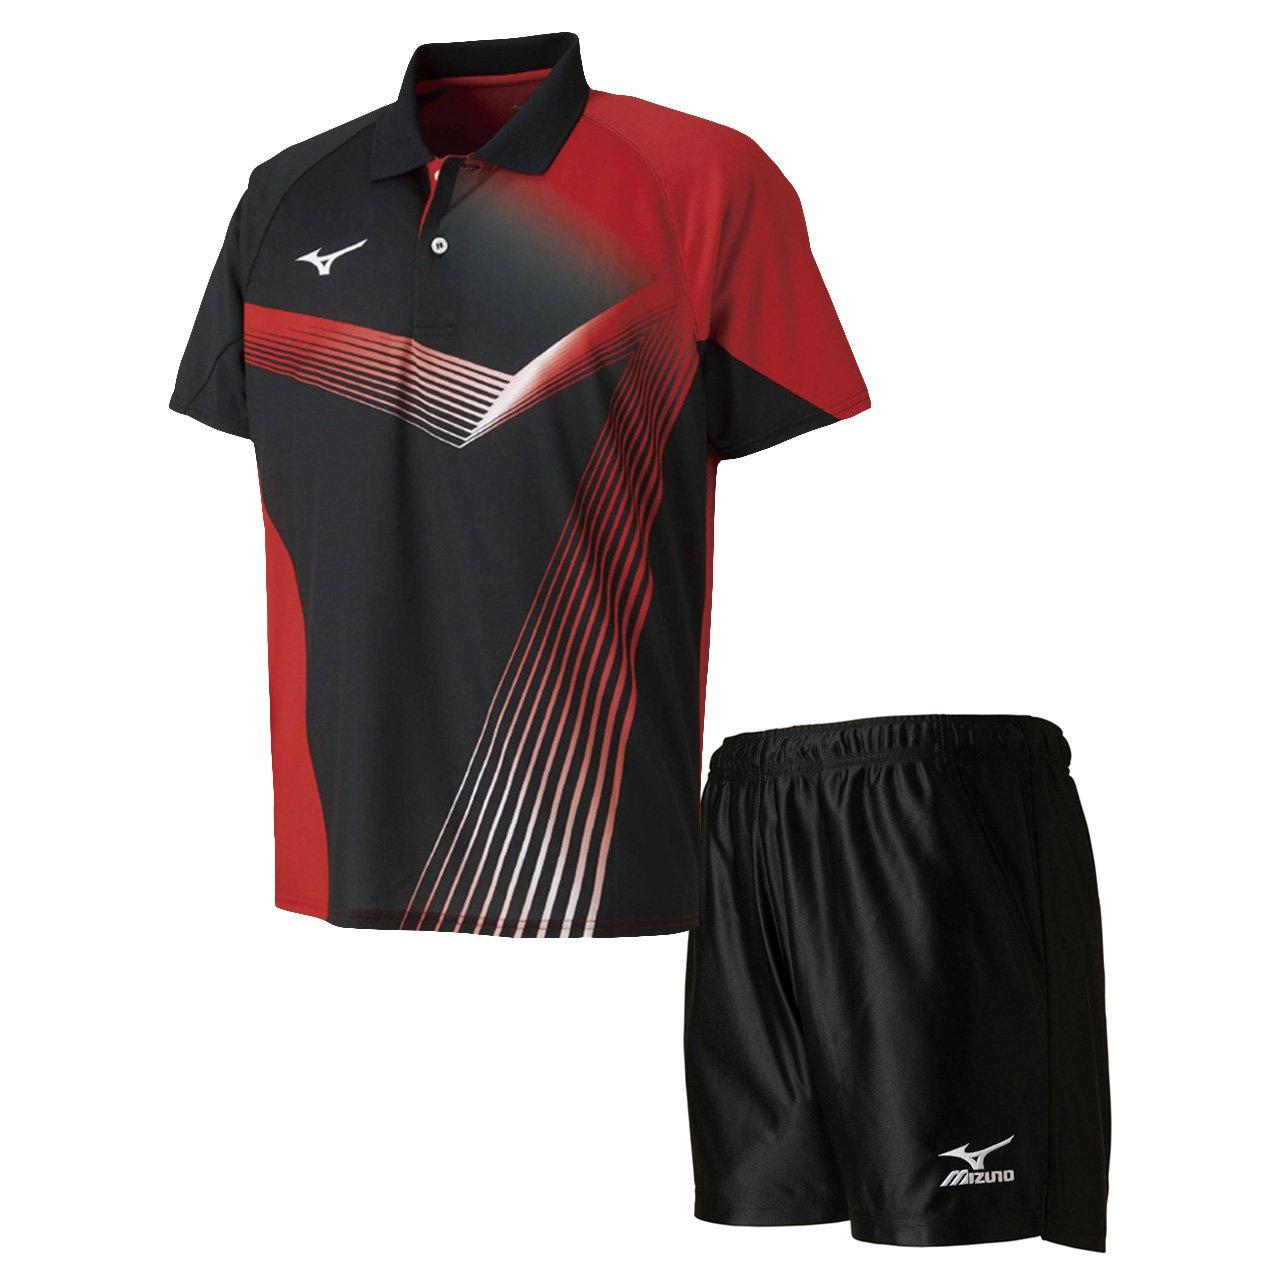 ミズノ(MIZUNO) ゲームシャツ&ゲームパンツ 上下セット(ブラック/ブラック) 82JA8011-09-82JB7006-09 B07B7GJ6J5  ブラック/ブラック X-Small